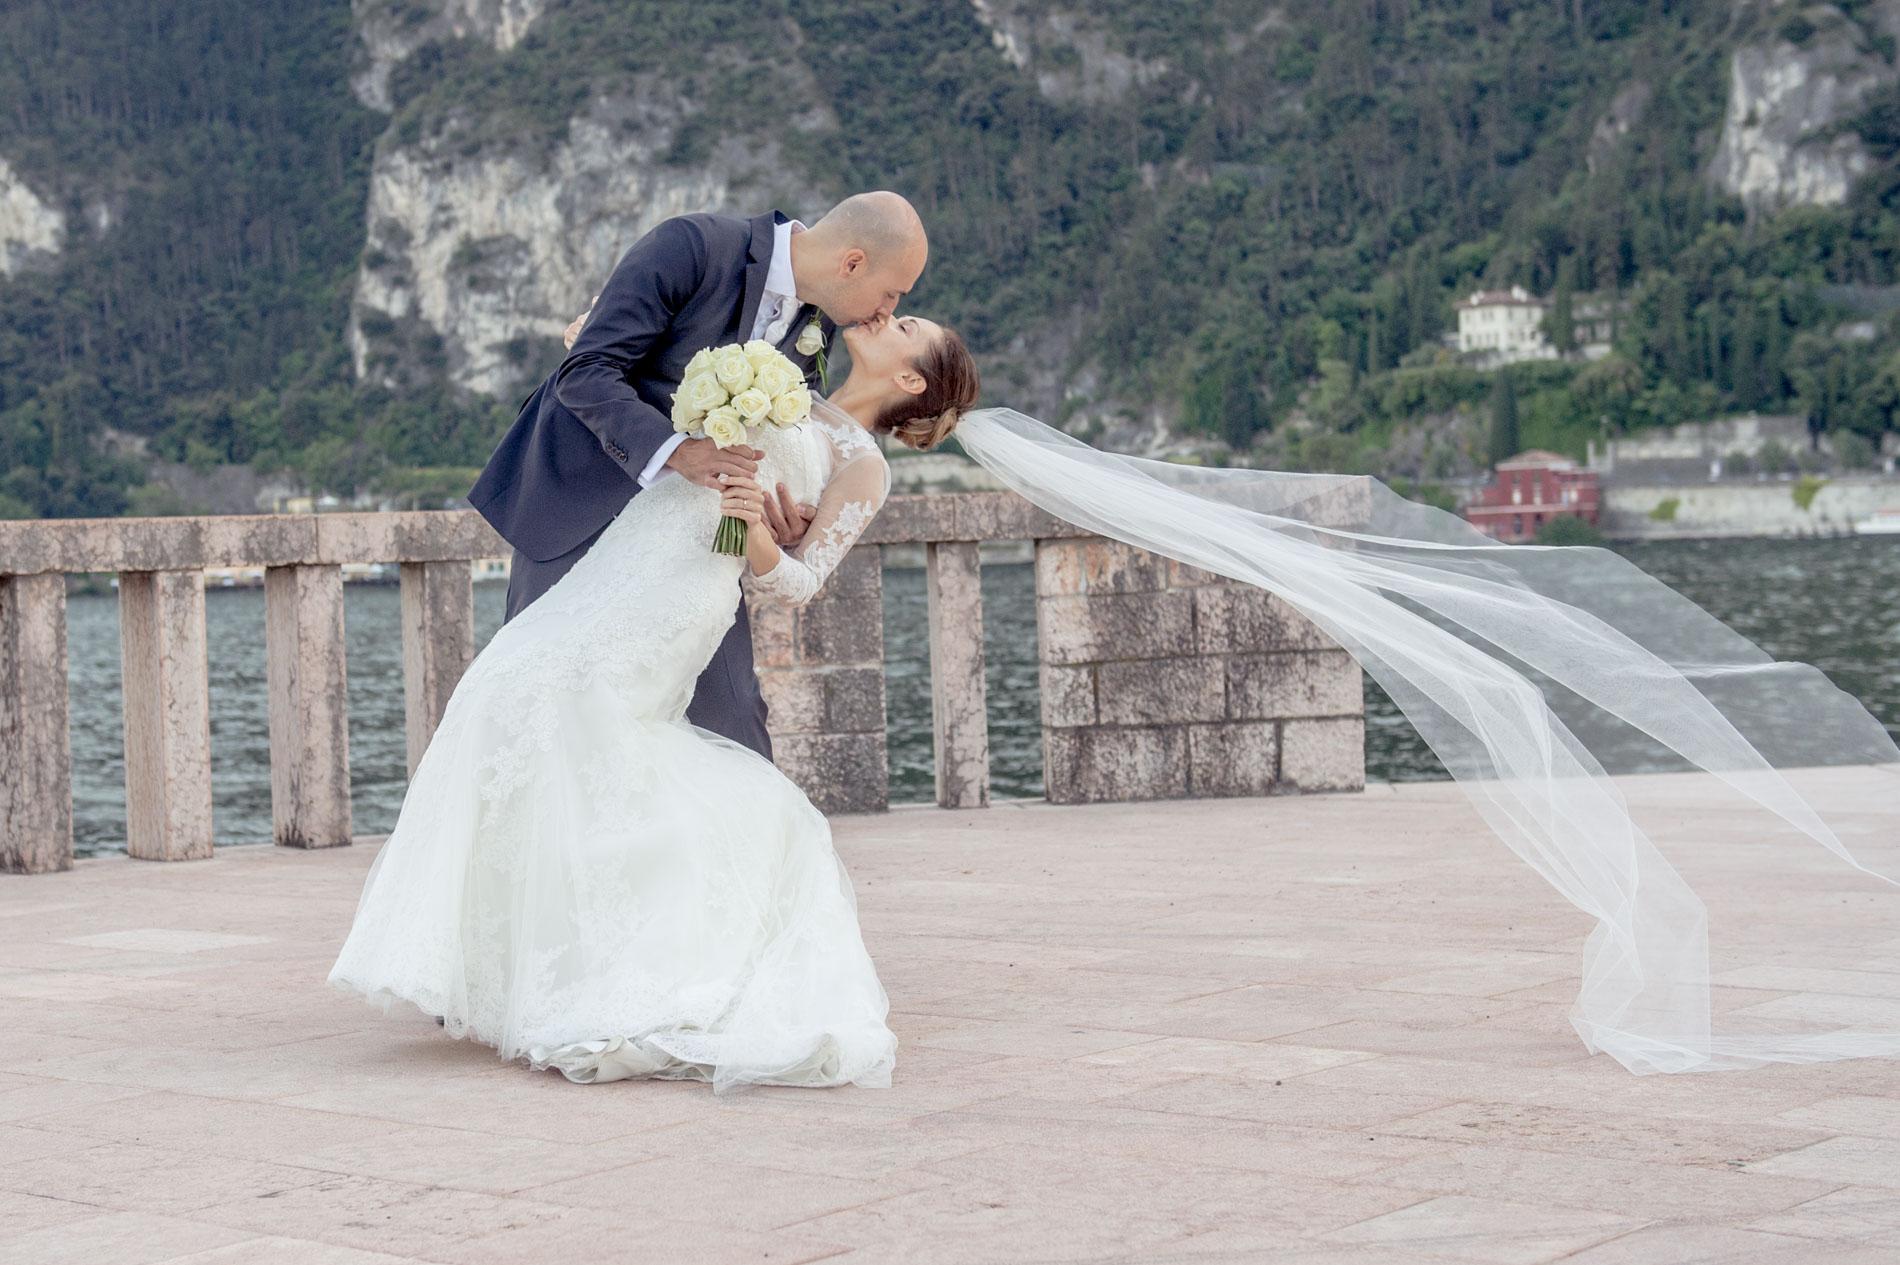 Matrimonio Spiaggia Lago Di Garda : Wedding on lake garda matrimonio sul lago di